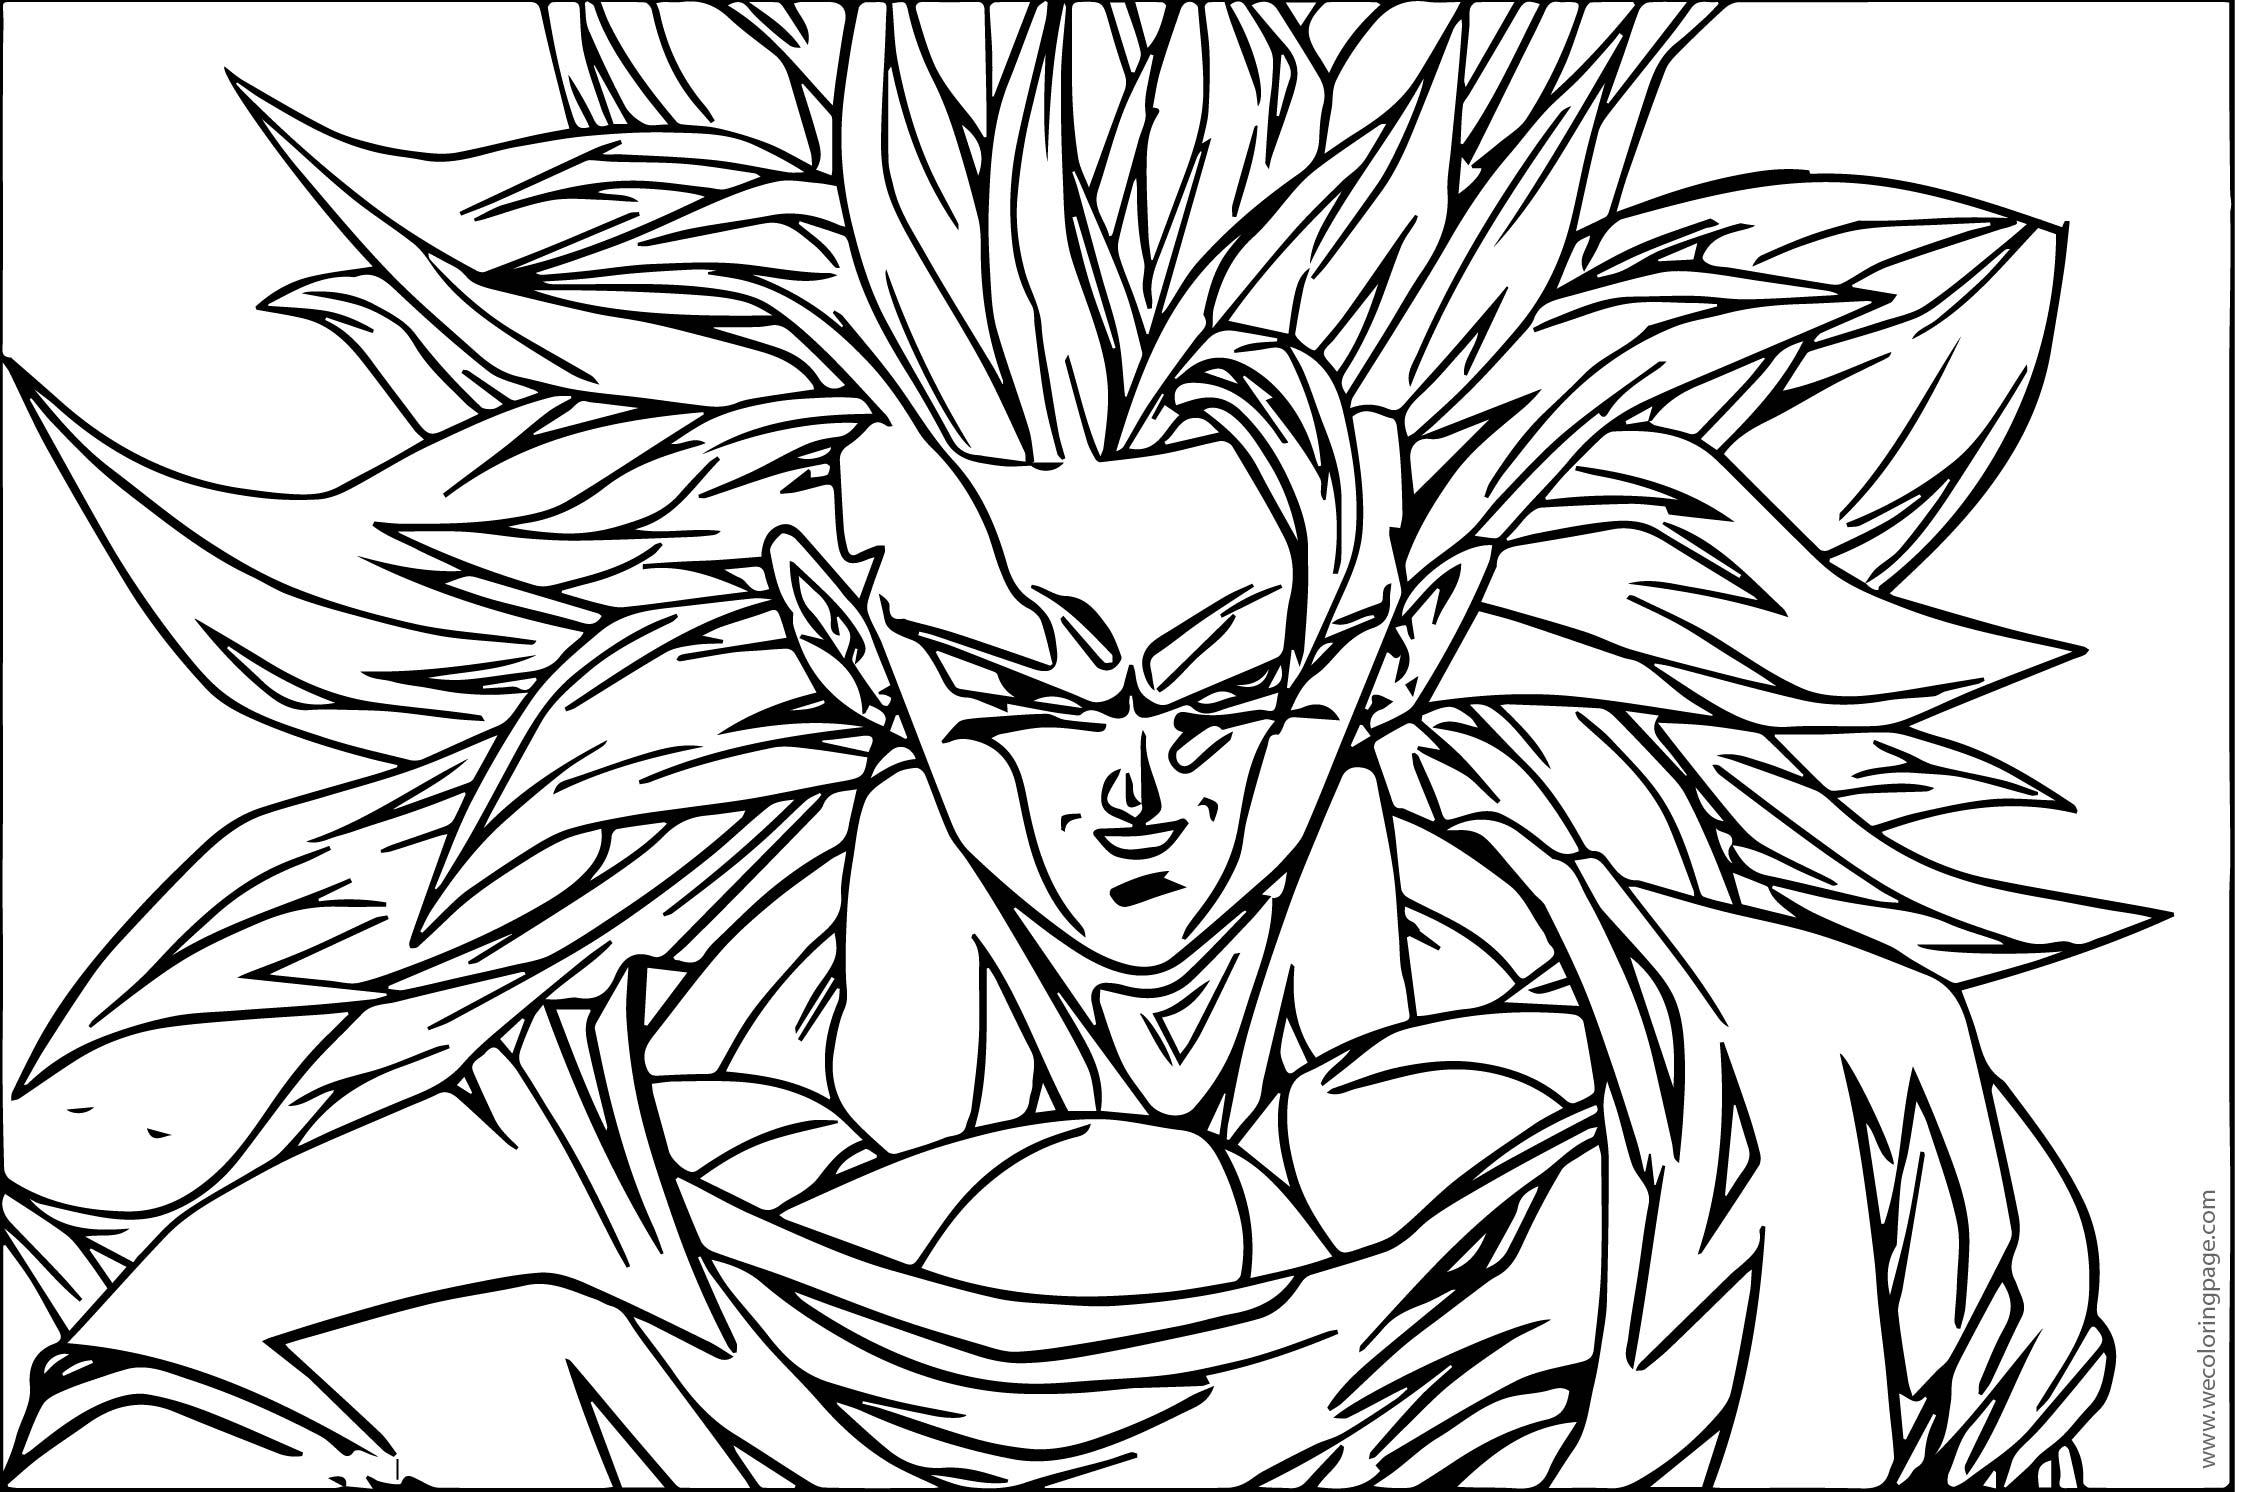 Goku Smile Saiyan Coloring Page